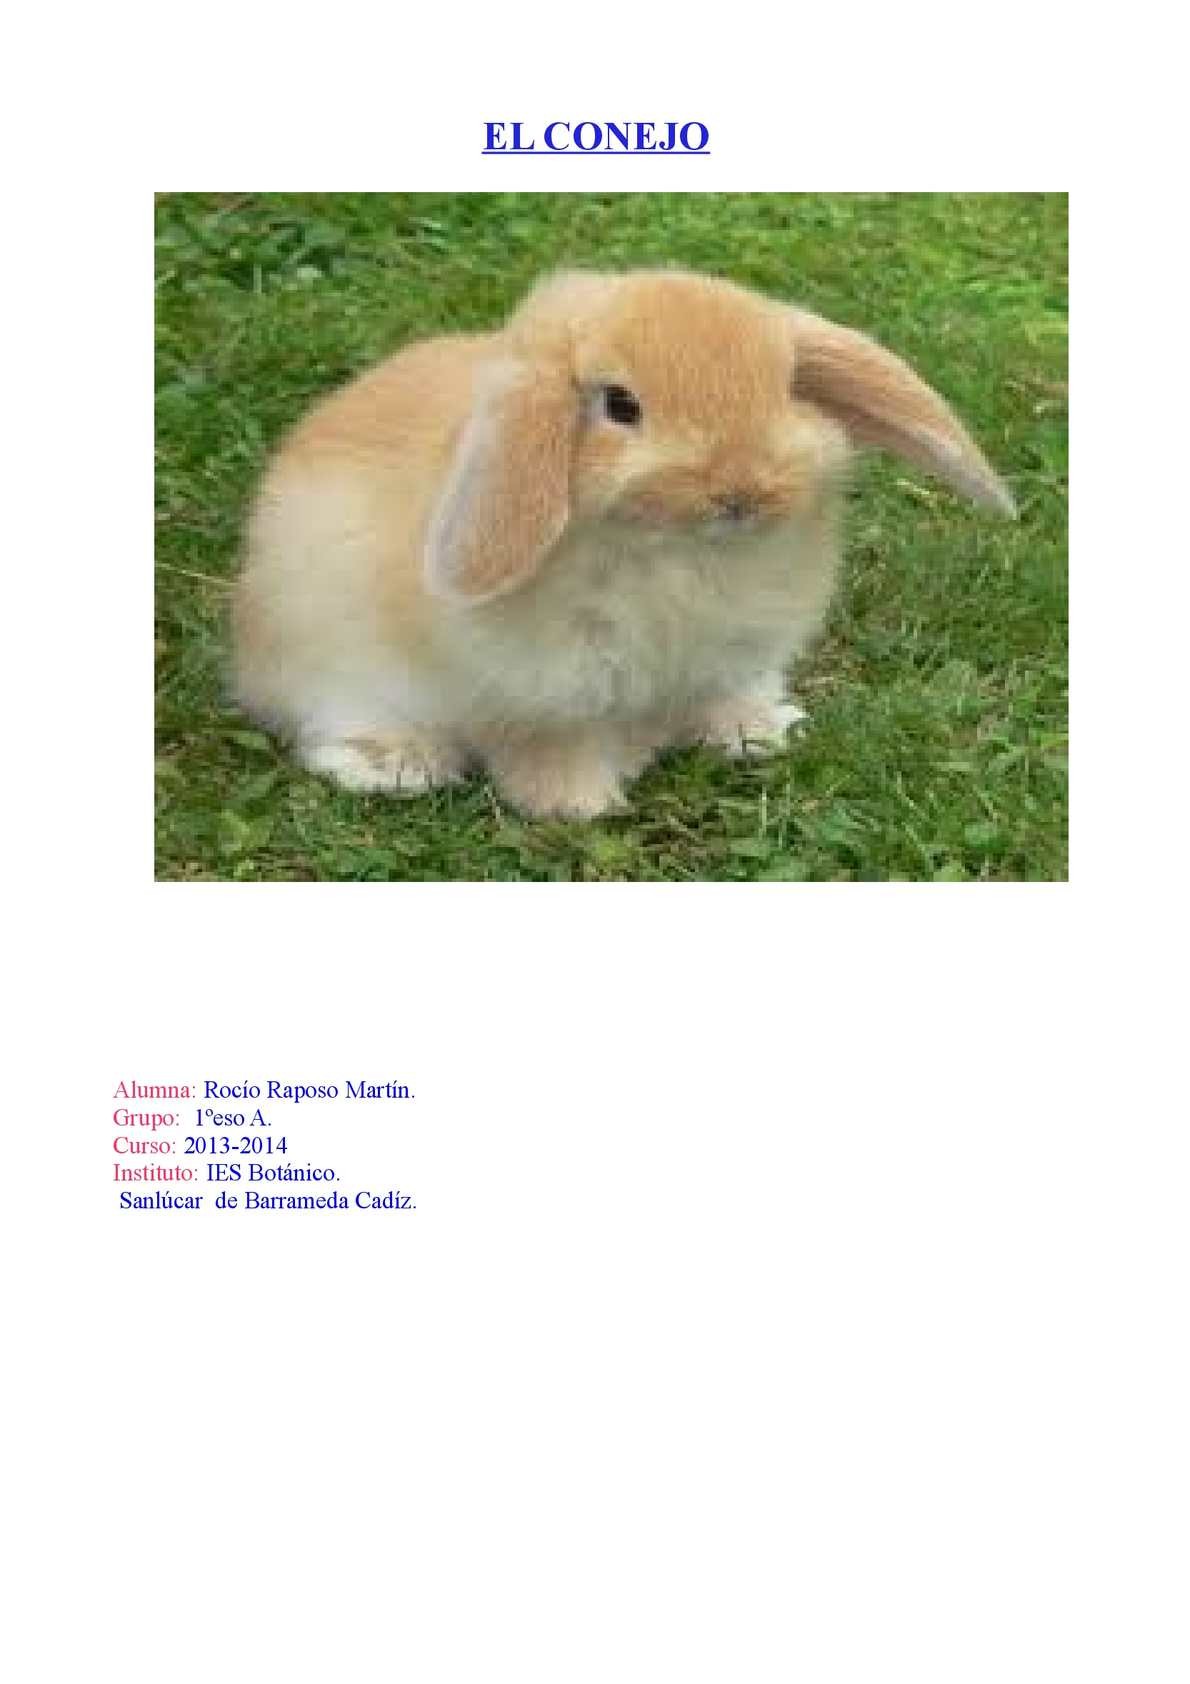 Calaméo - el conejo rocio raposo